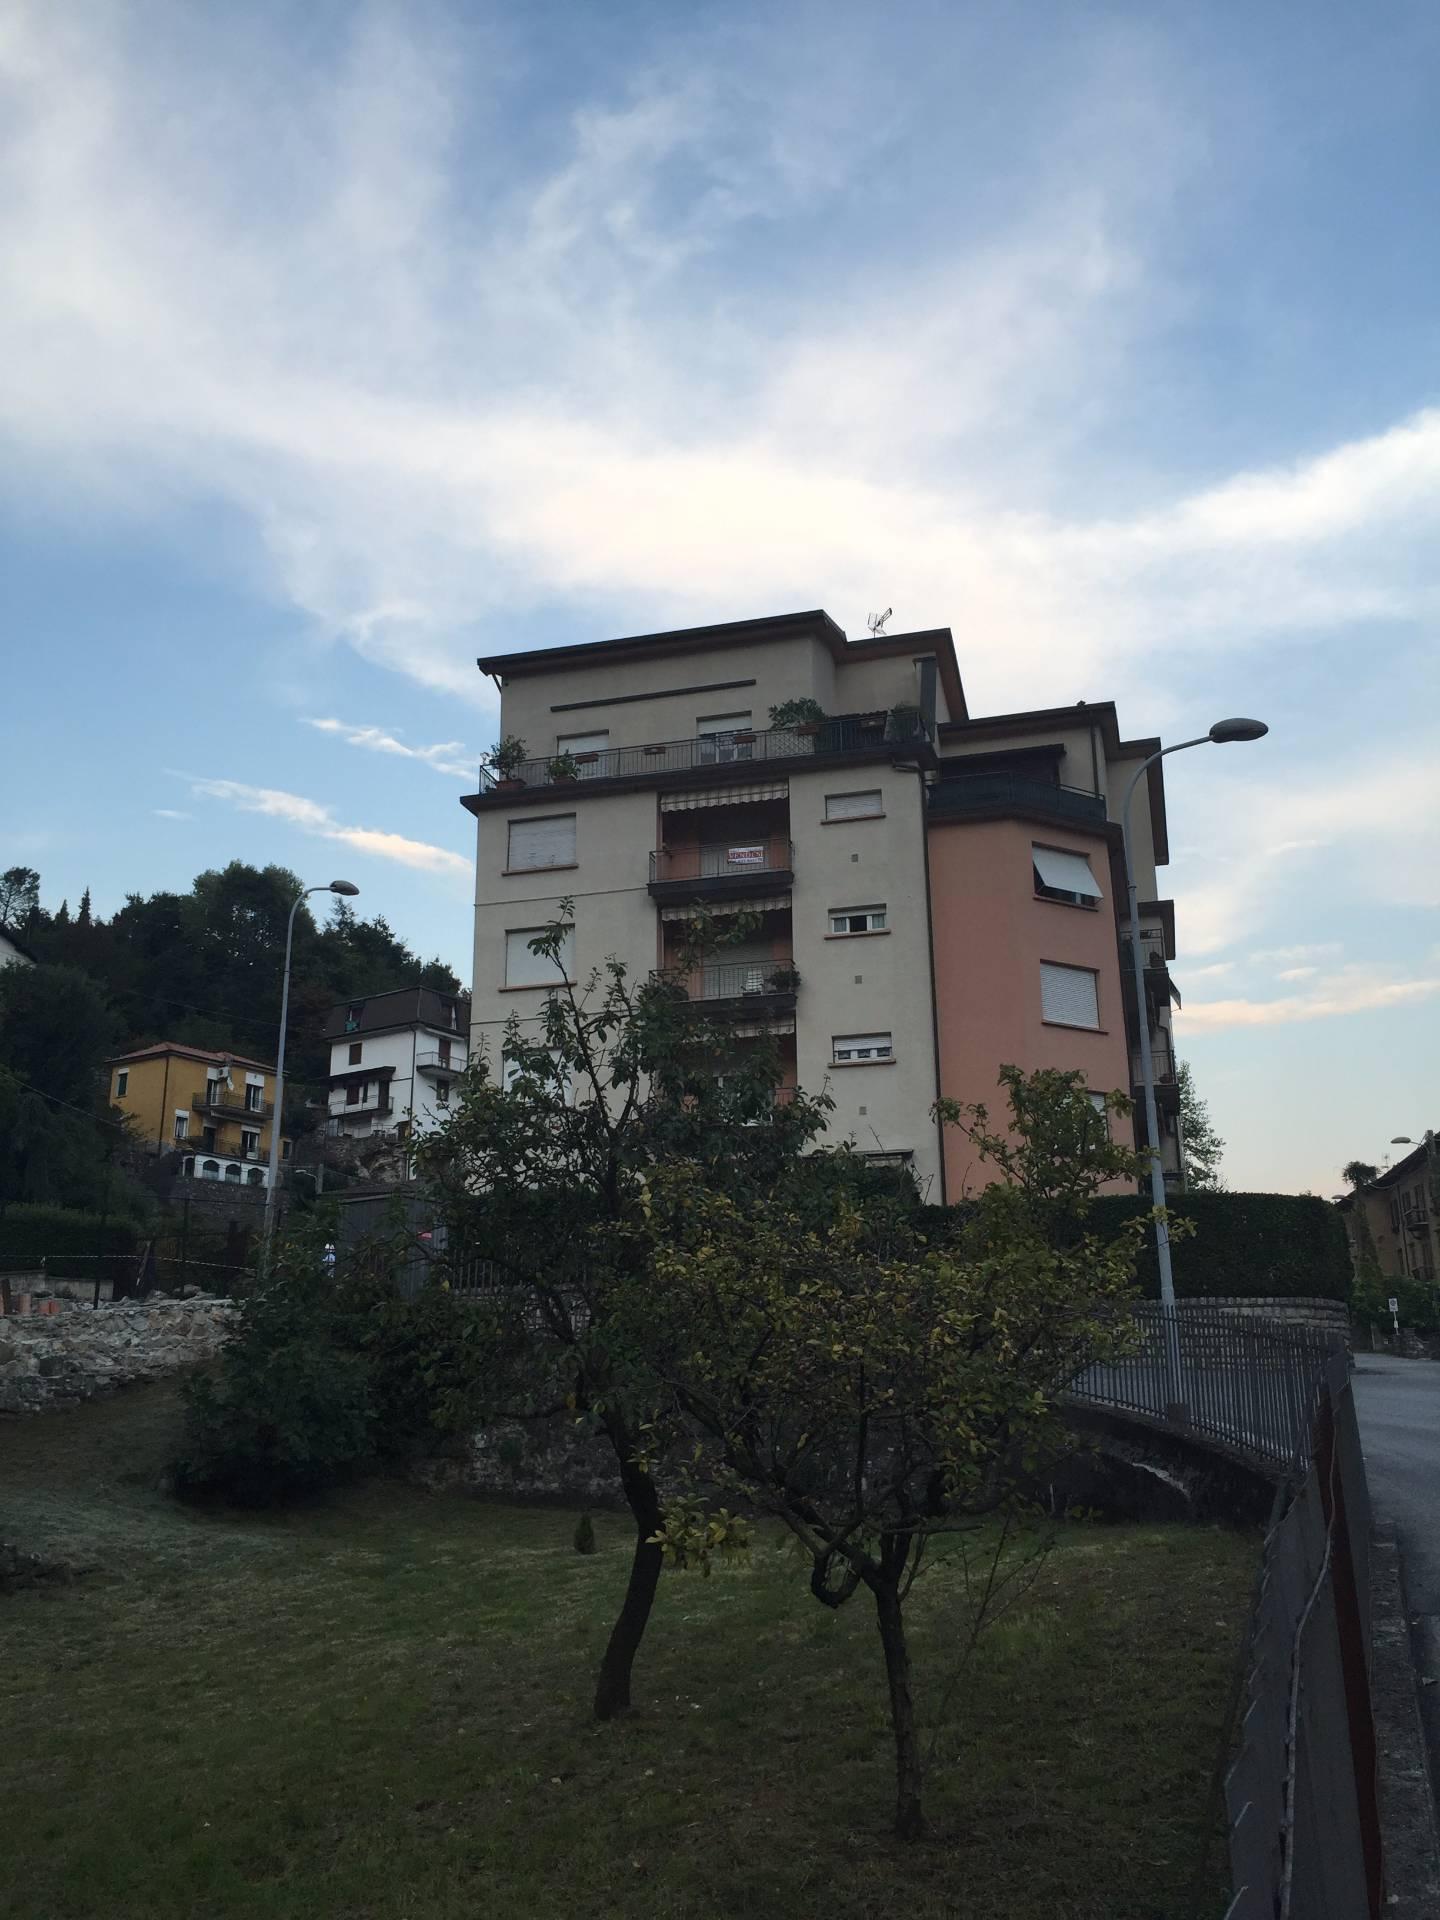 Appartamento in vendita a Caslino d'Erba, 5 locali, prezzo € 80.000 | Cambio Casa.it